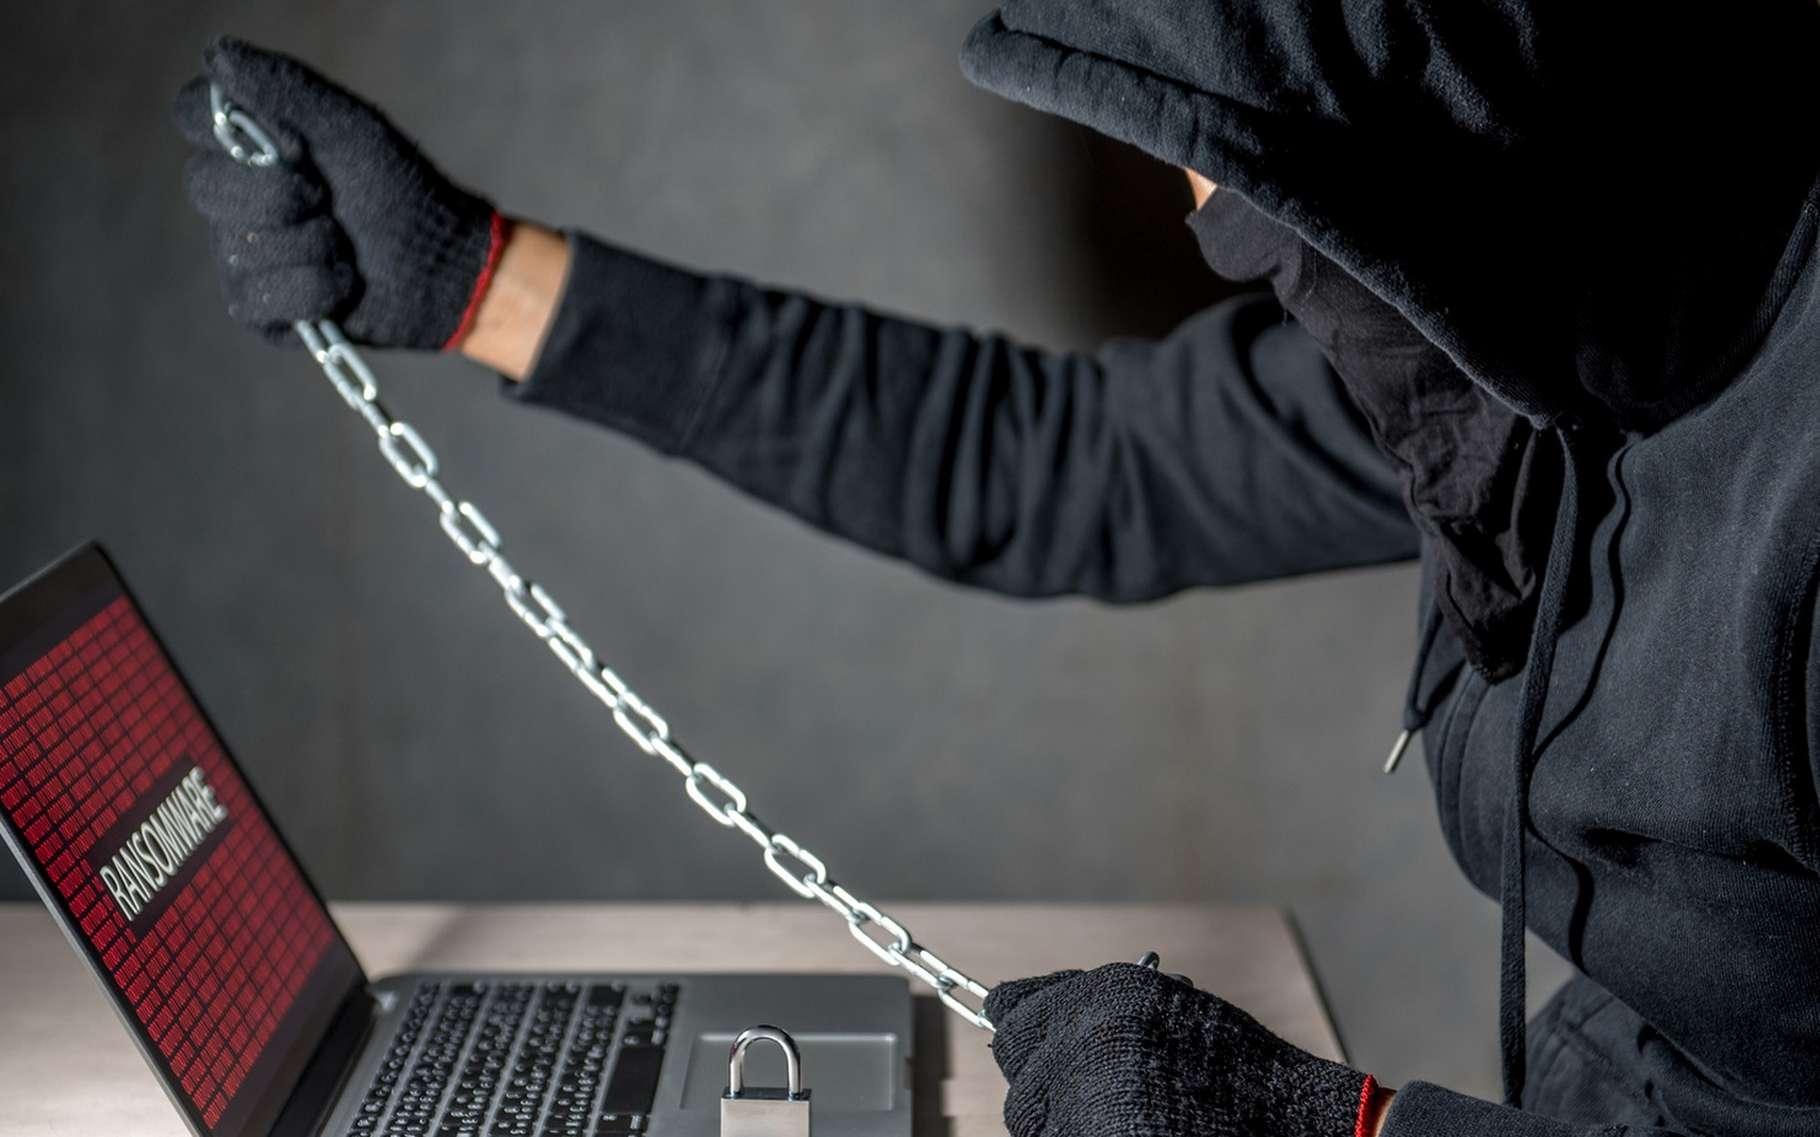 Le ransomware Petya, aussi appelé NotPetya, n'est peut-être pas ce qu'il semble être au premier abord. © Zephyr_p, Fotolia